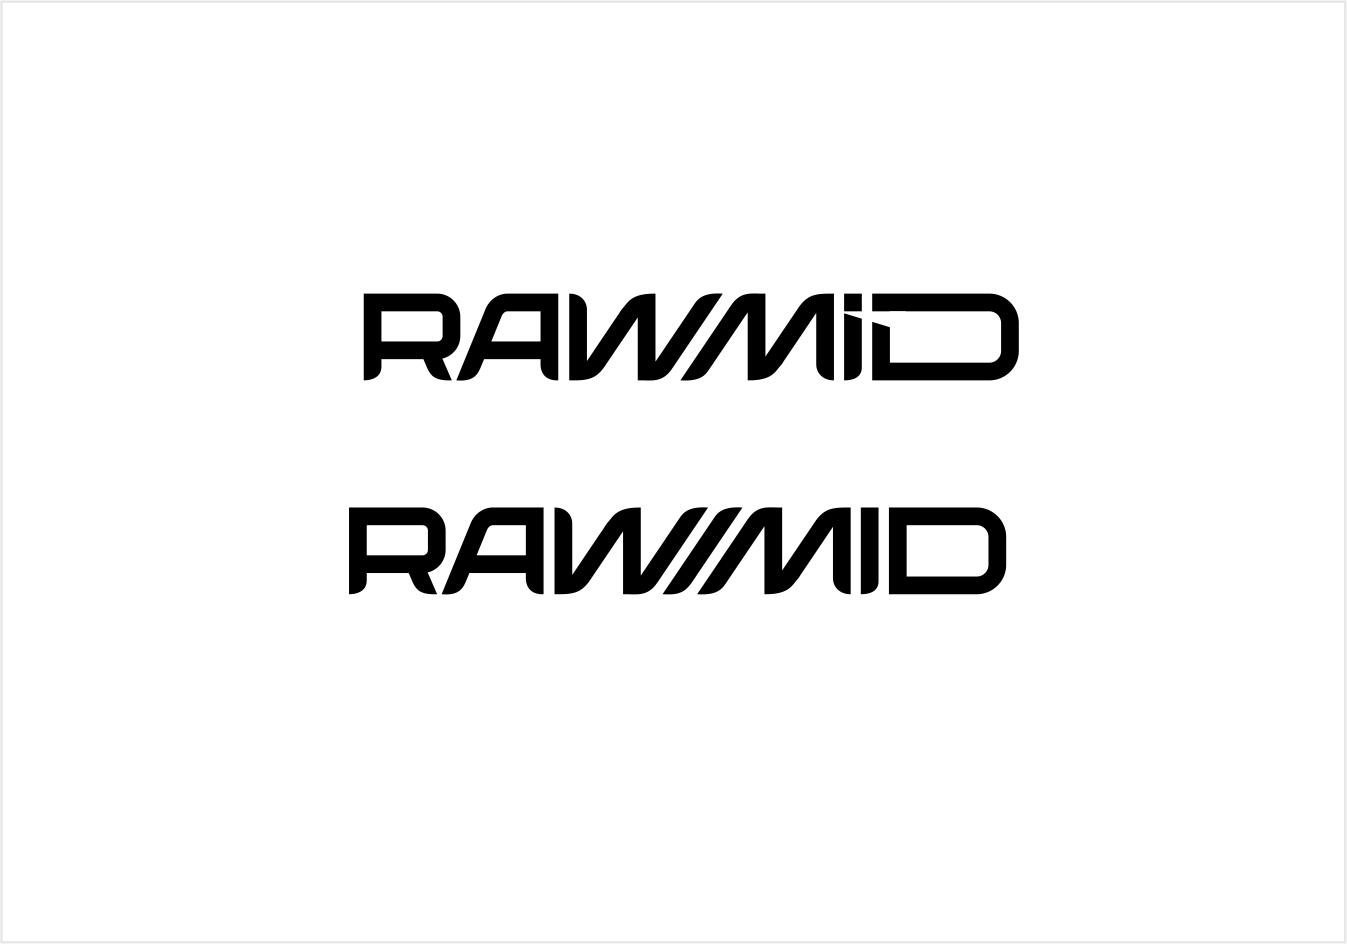 Создать логотип (буквенная часть) для бренда бытовой техники фото f_1595b45e0fa97e47.jpg